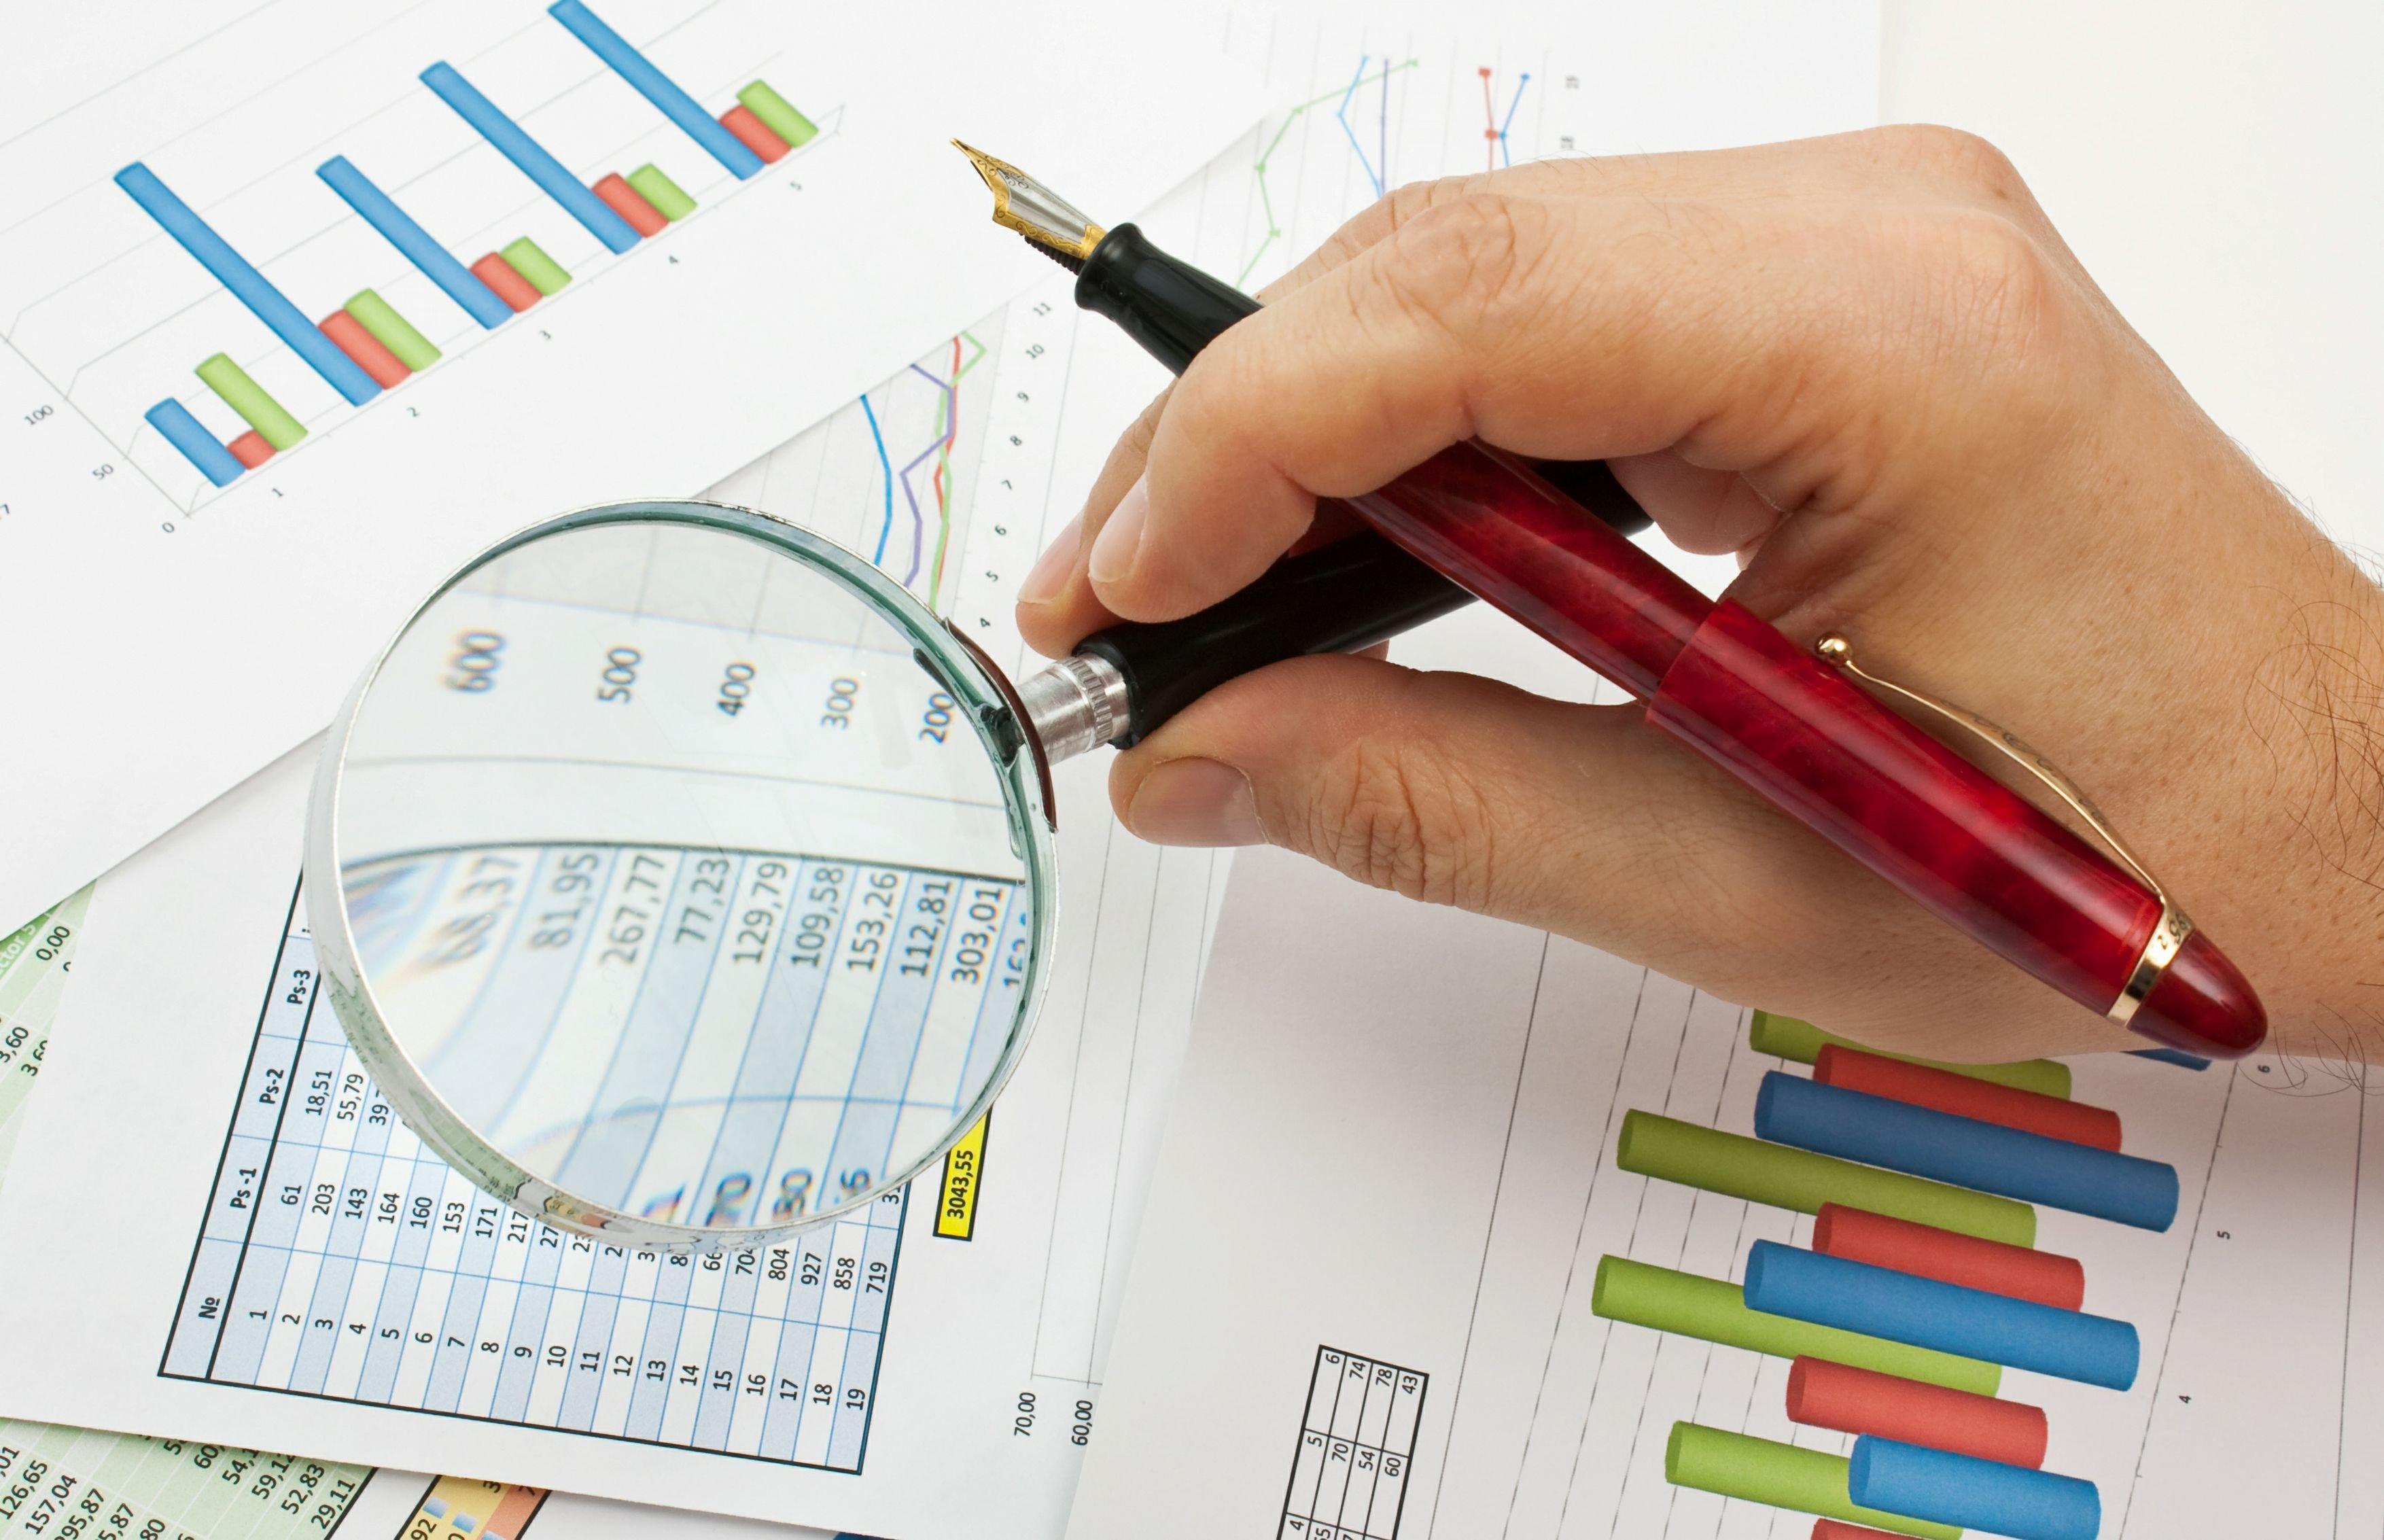 格隆汇港股聚焦(7.13)︱中国人保上半年保费收入合计为3350.45亿元  丘钛科技预期中期溢利增长50%至90%